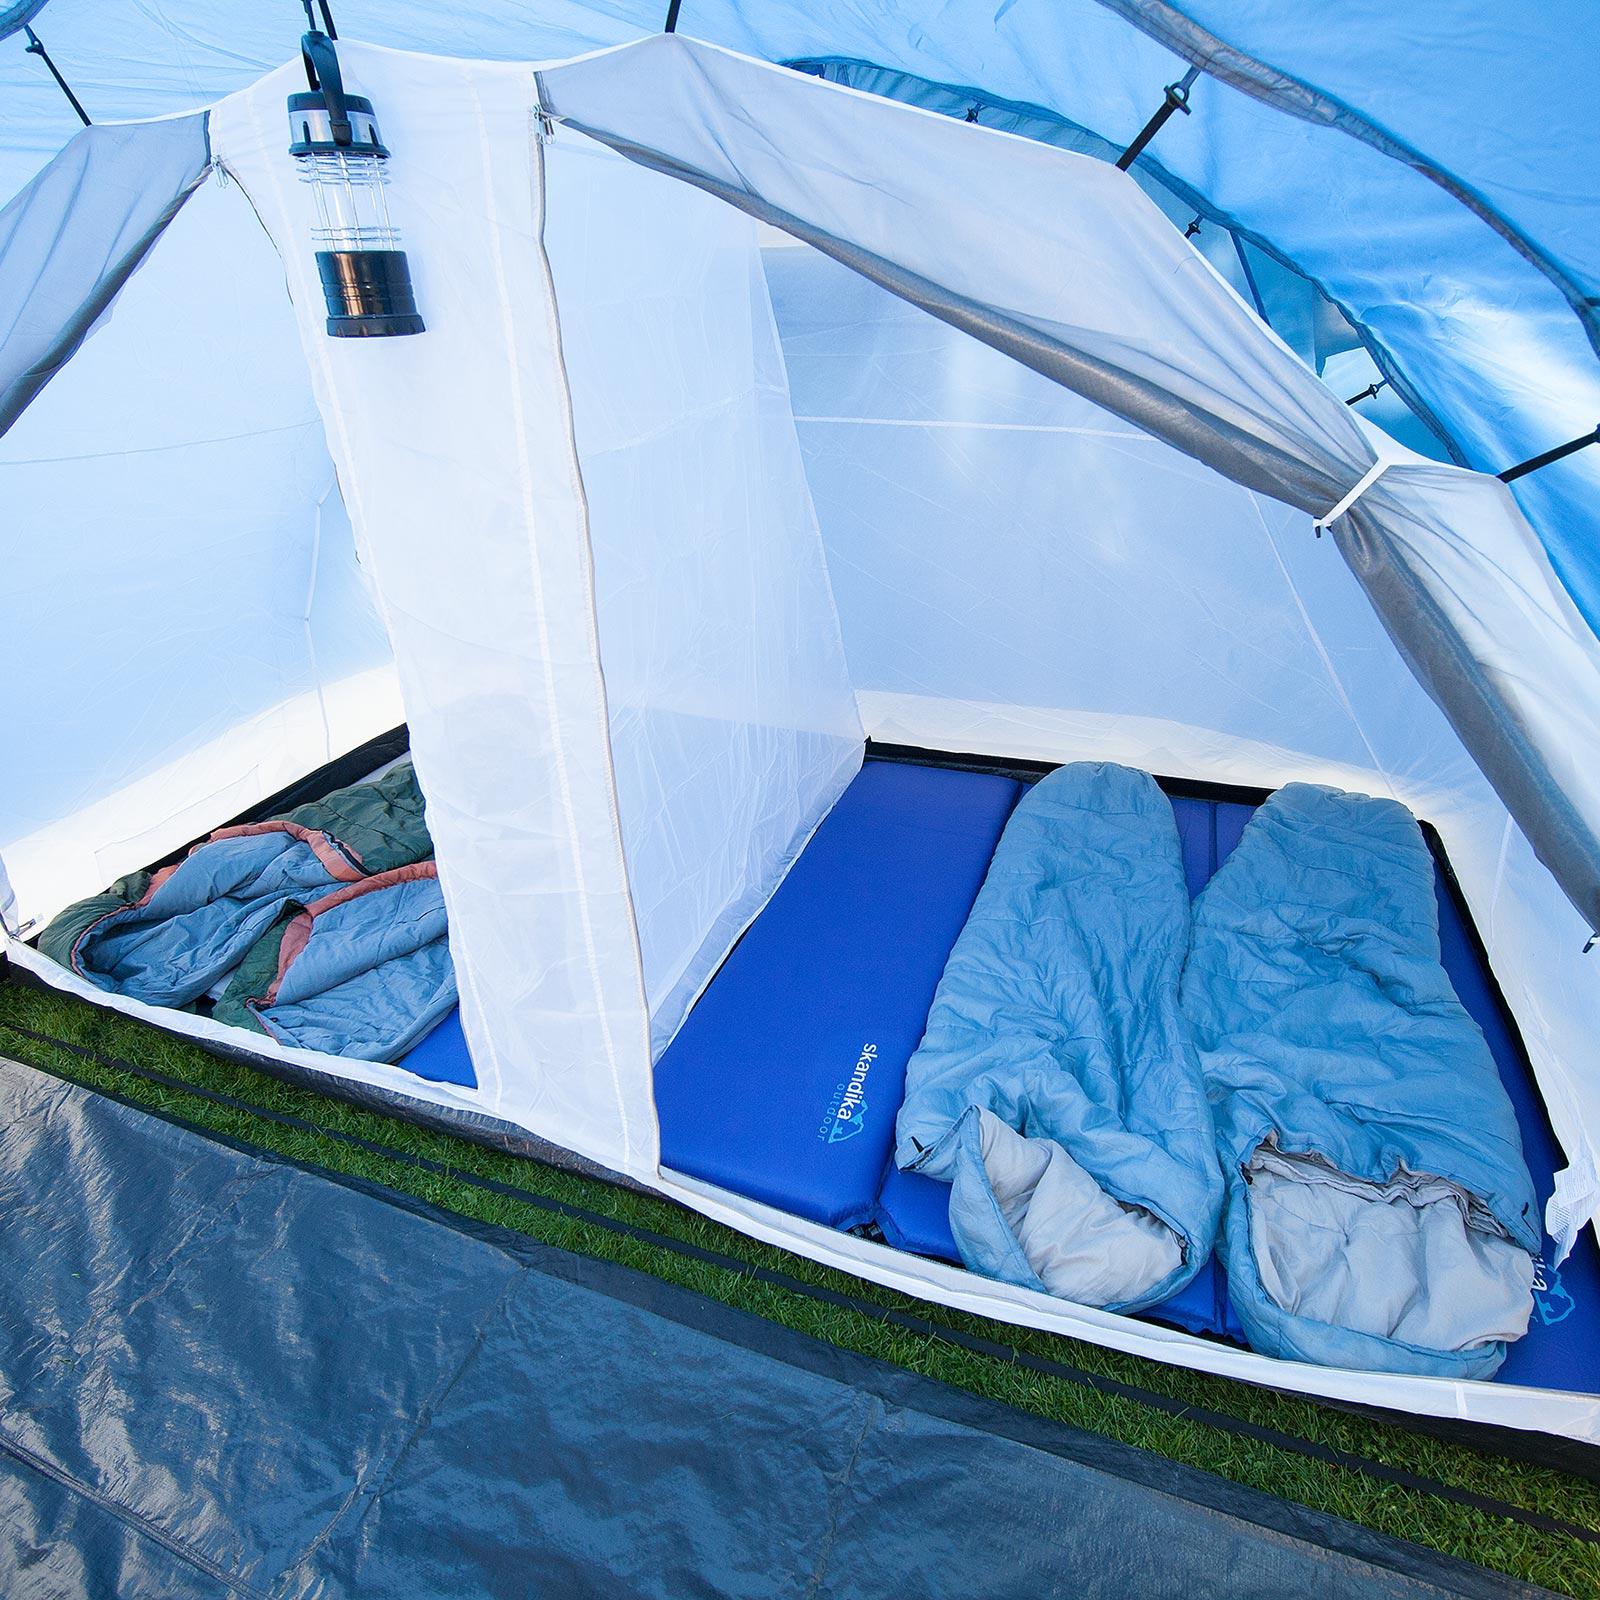 skandika-Helsinki-6-persone-Tenda-campeggio-Tunnel-Zanzariera-blu-scuro-nuova